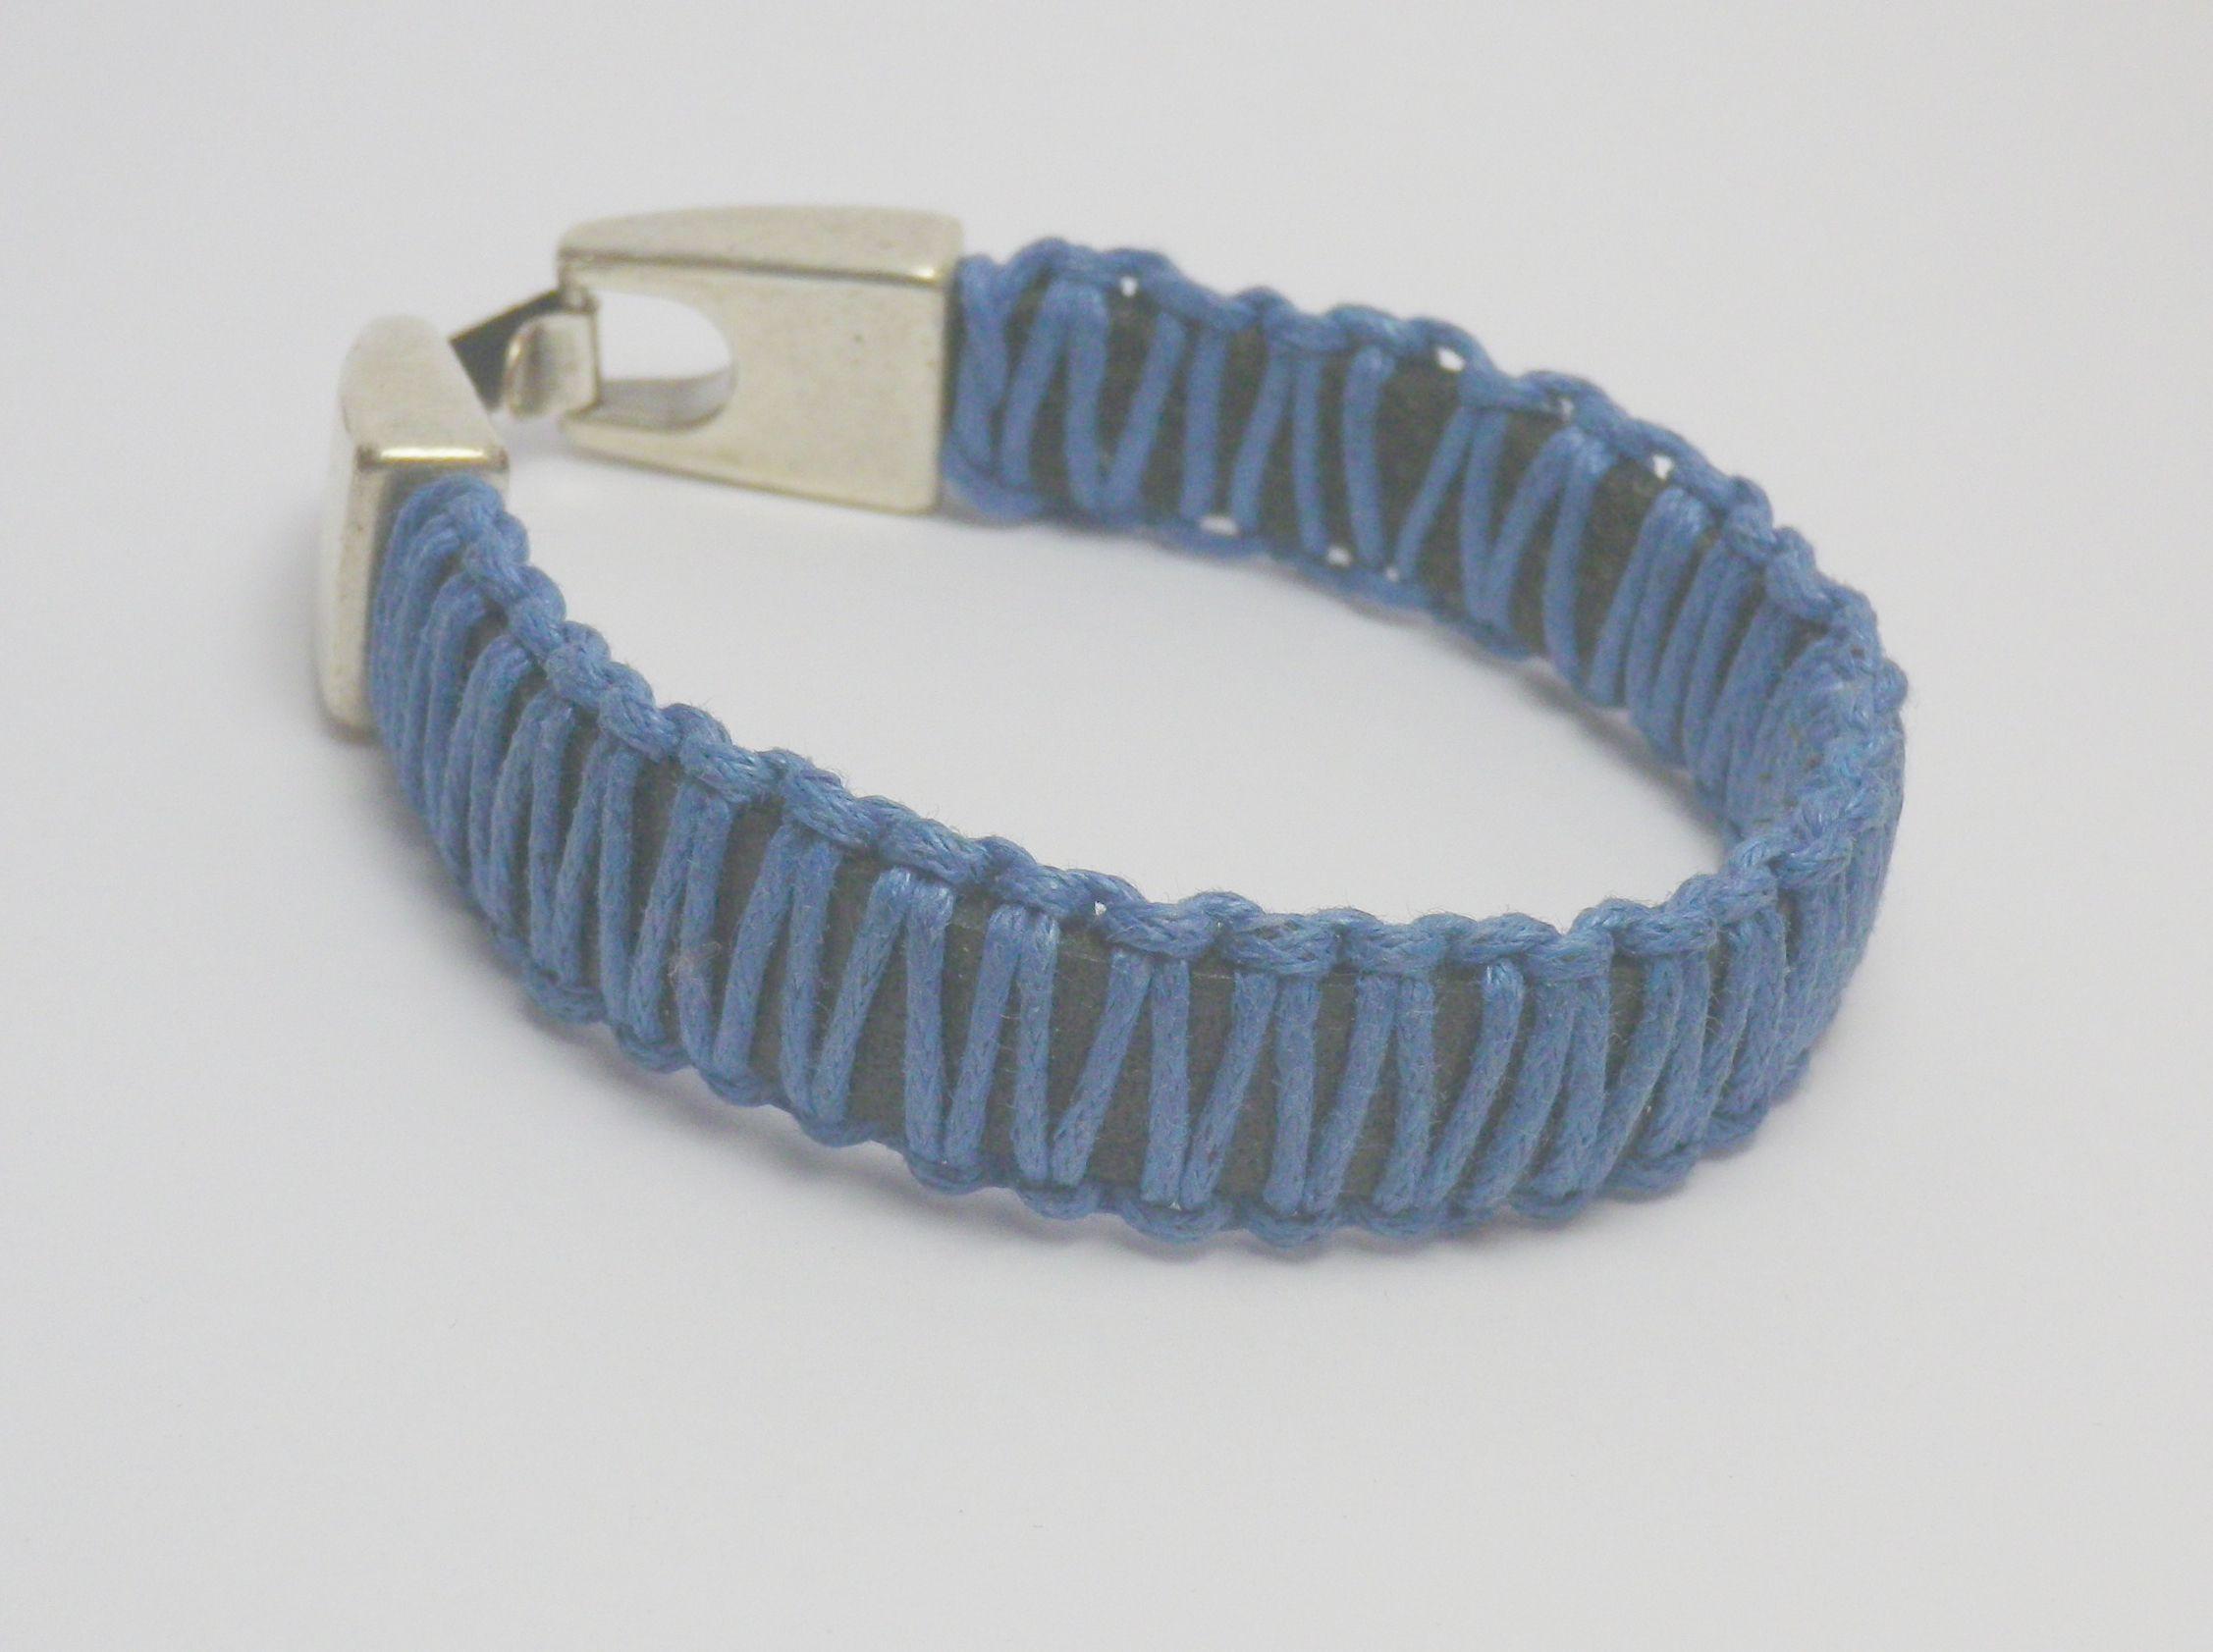 #Pulsera de #cuero plano con #algodon encerado azul marino y cierre de #zamak